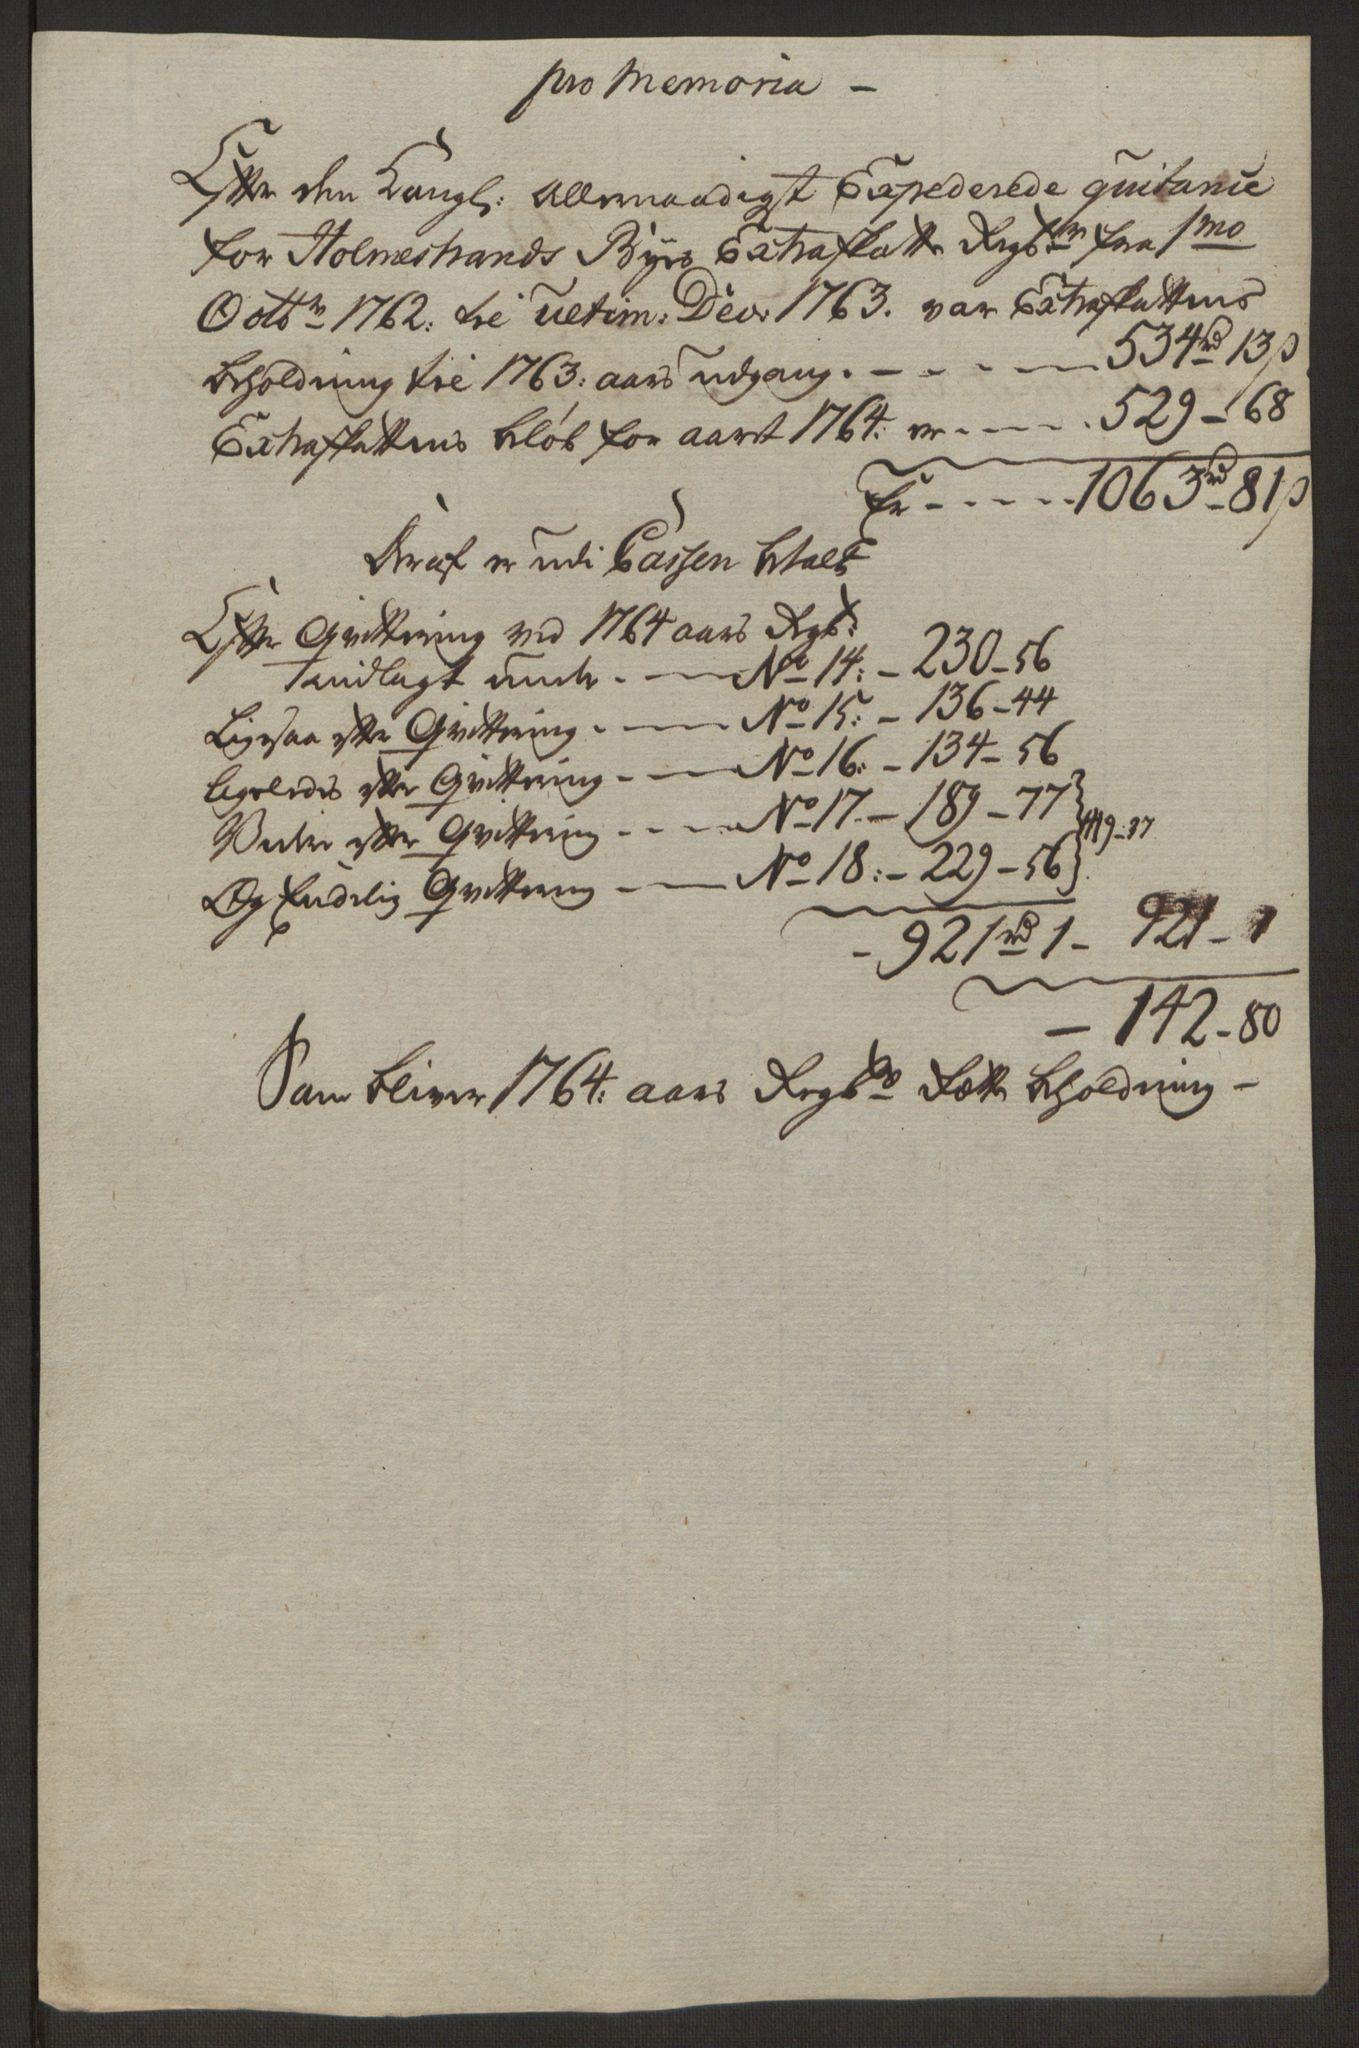 RA, Rentekammeret inntil 1814, Reviderte regnskaper, Byregnskaper, R/Rh/L0163: [H4] Kontribusjonsregnskap, 1762-1772, s. 179